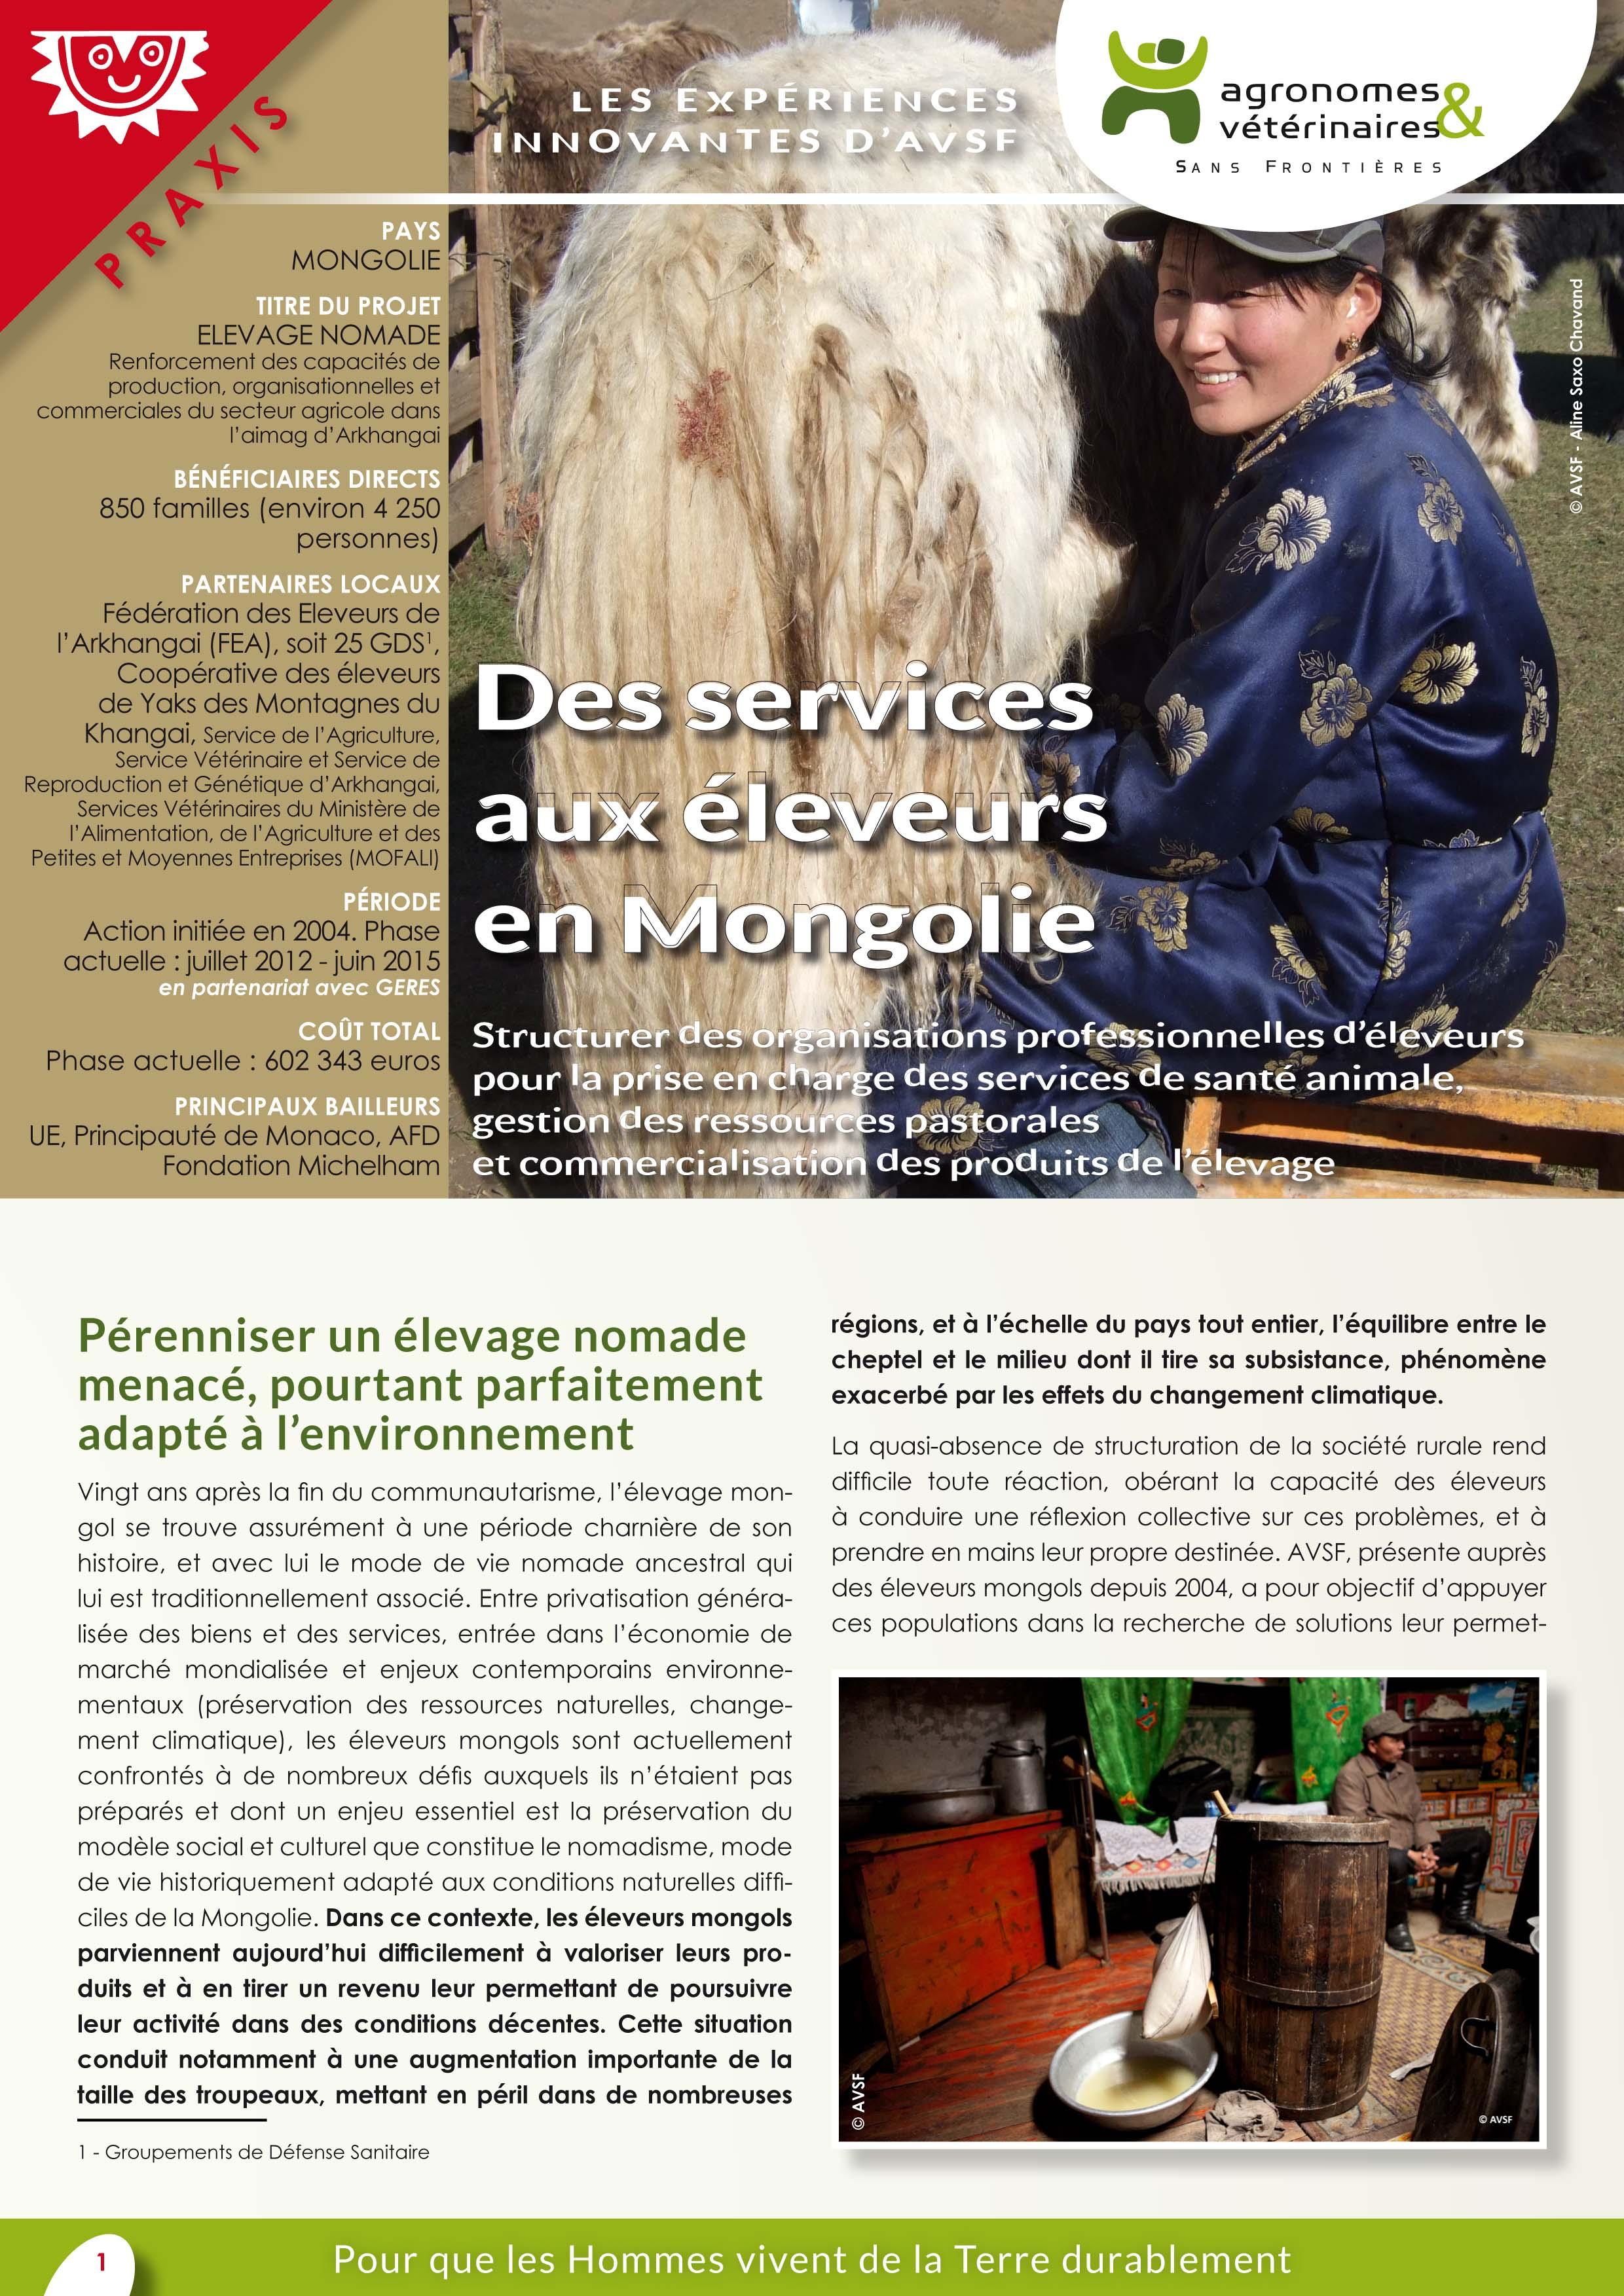 Les expériences innovantes d'AVSF : Des services aux éleveurs en Mongolie Image principale